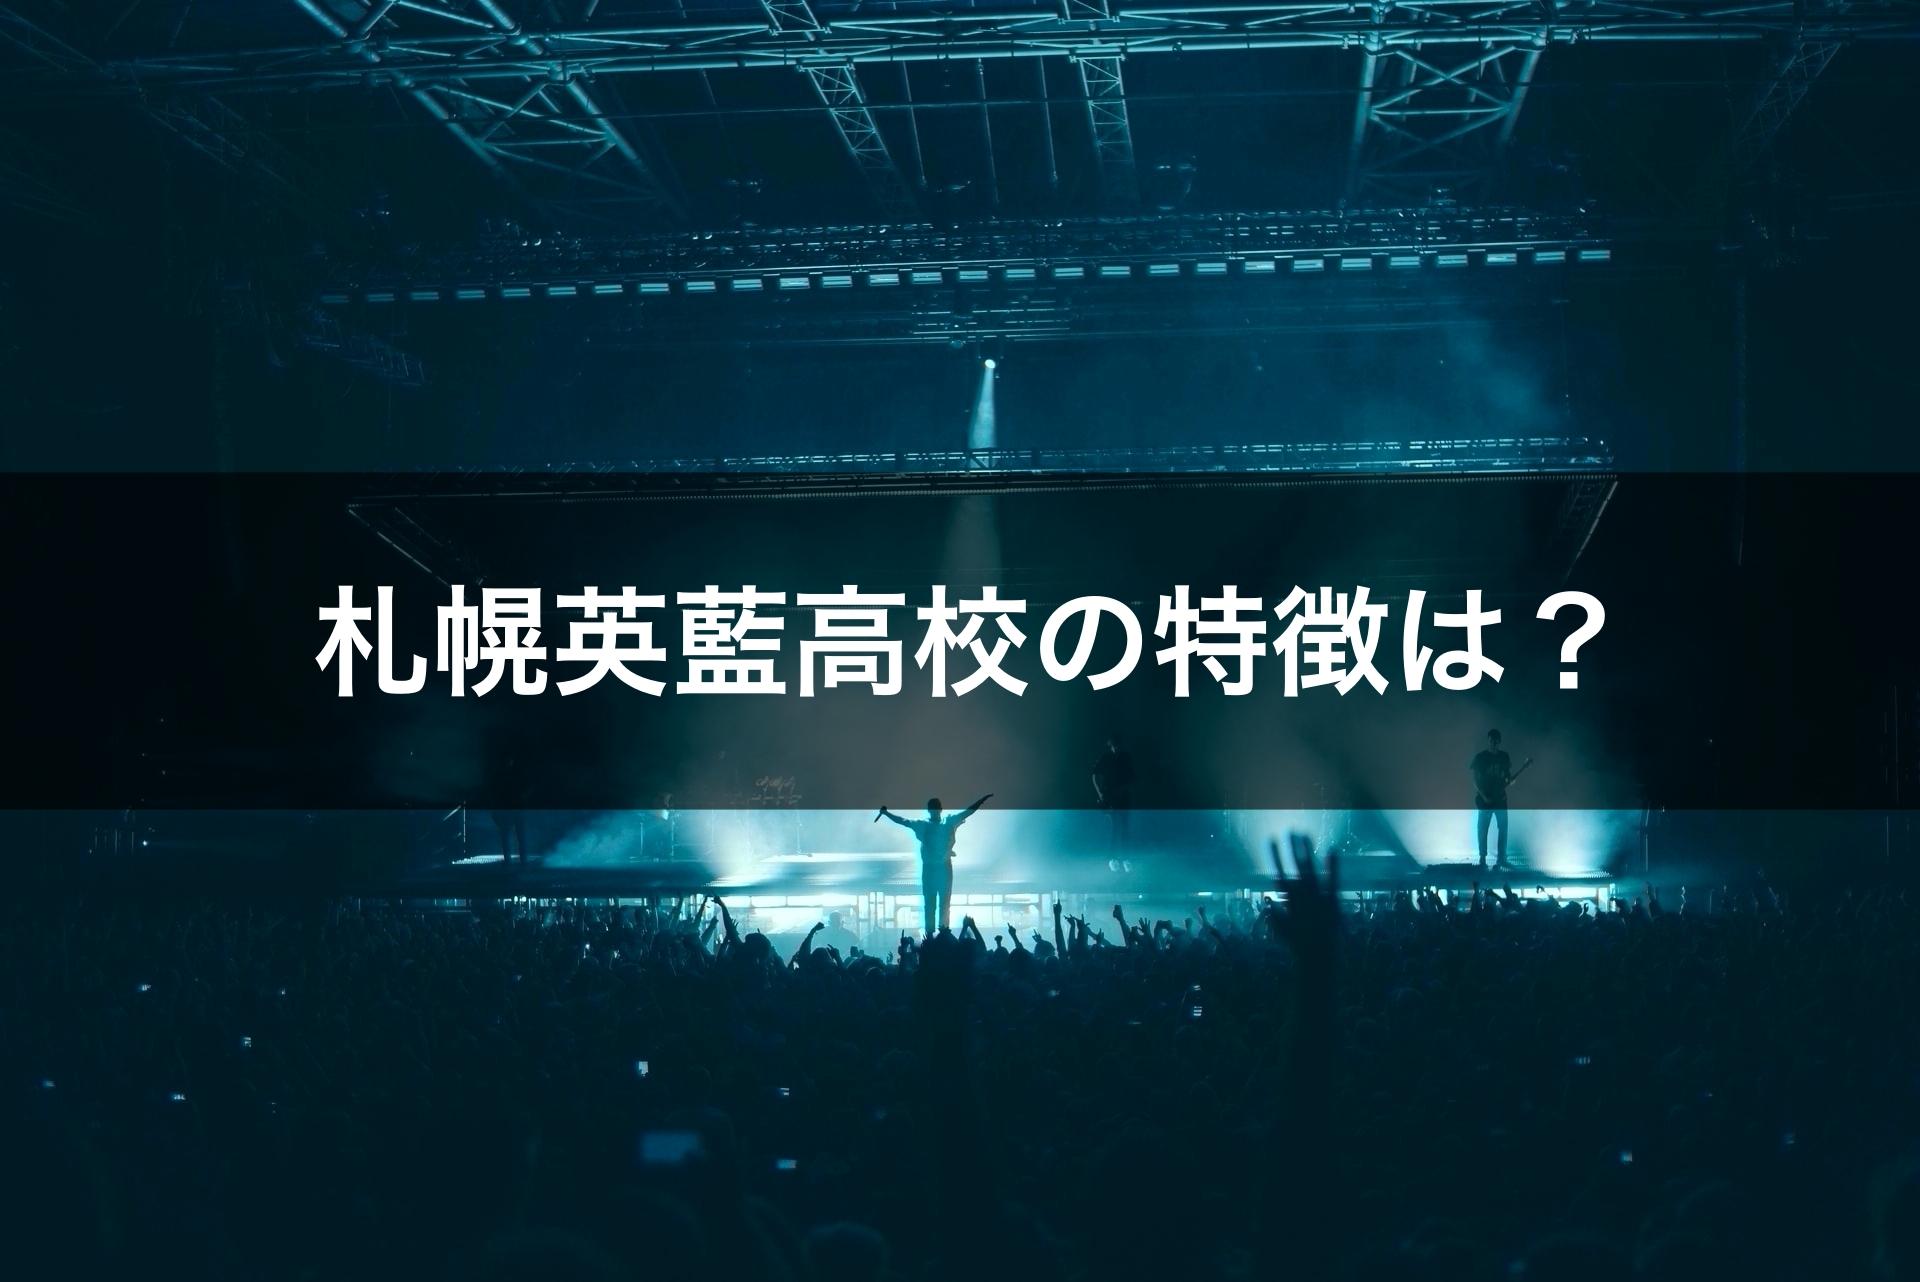 札幌英藍高校の特徴は?